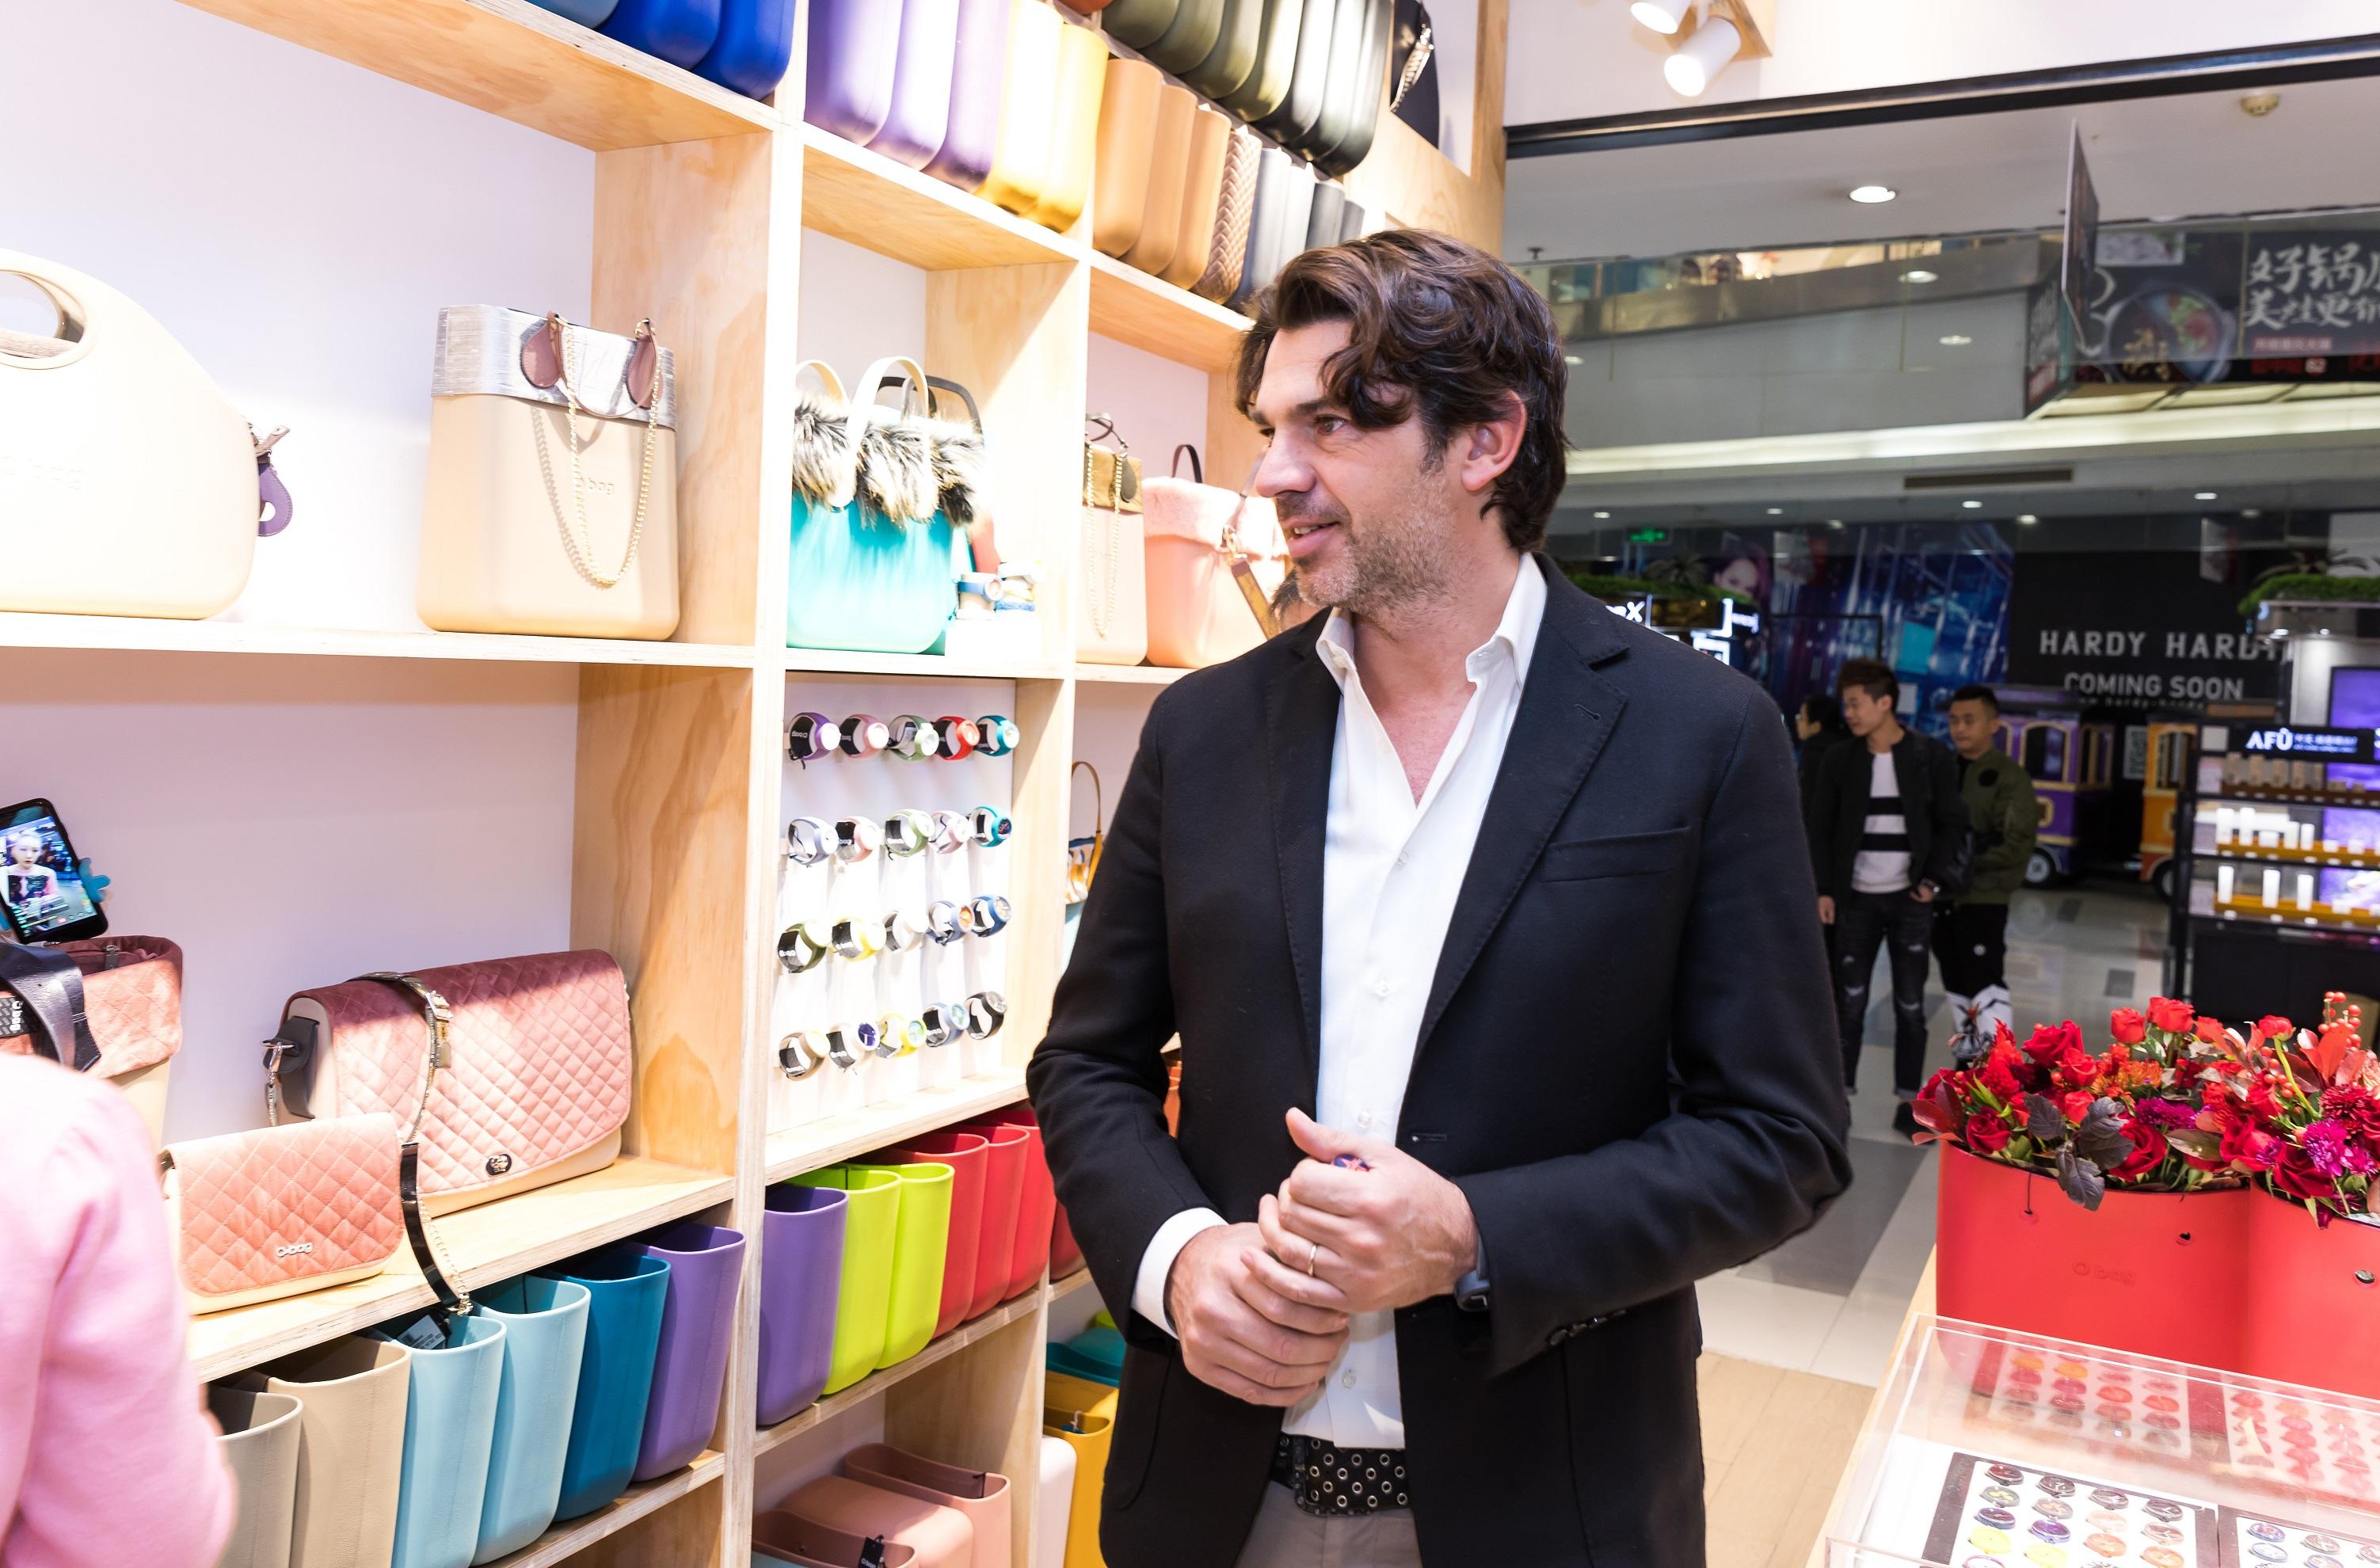 拥有60万种搭配可能的O bag是如何在高手林立的意大利时尚界异军突起的?《华丽志》独家专访品牌创始人Michele Zanella